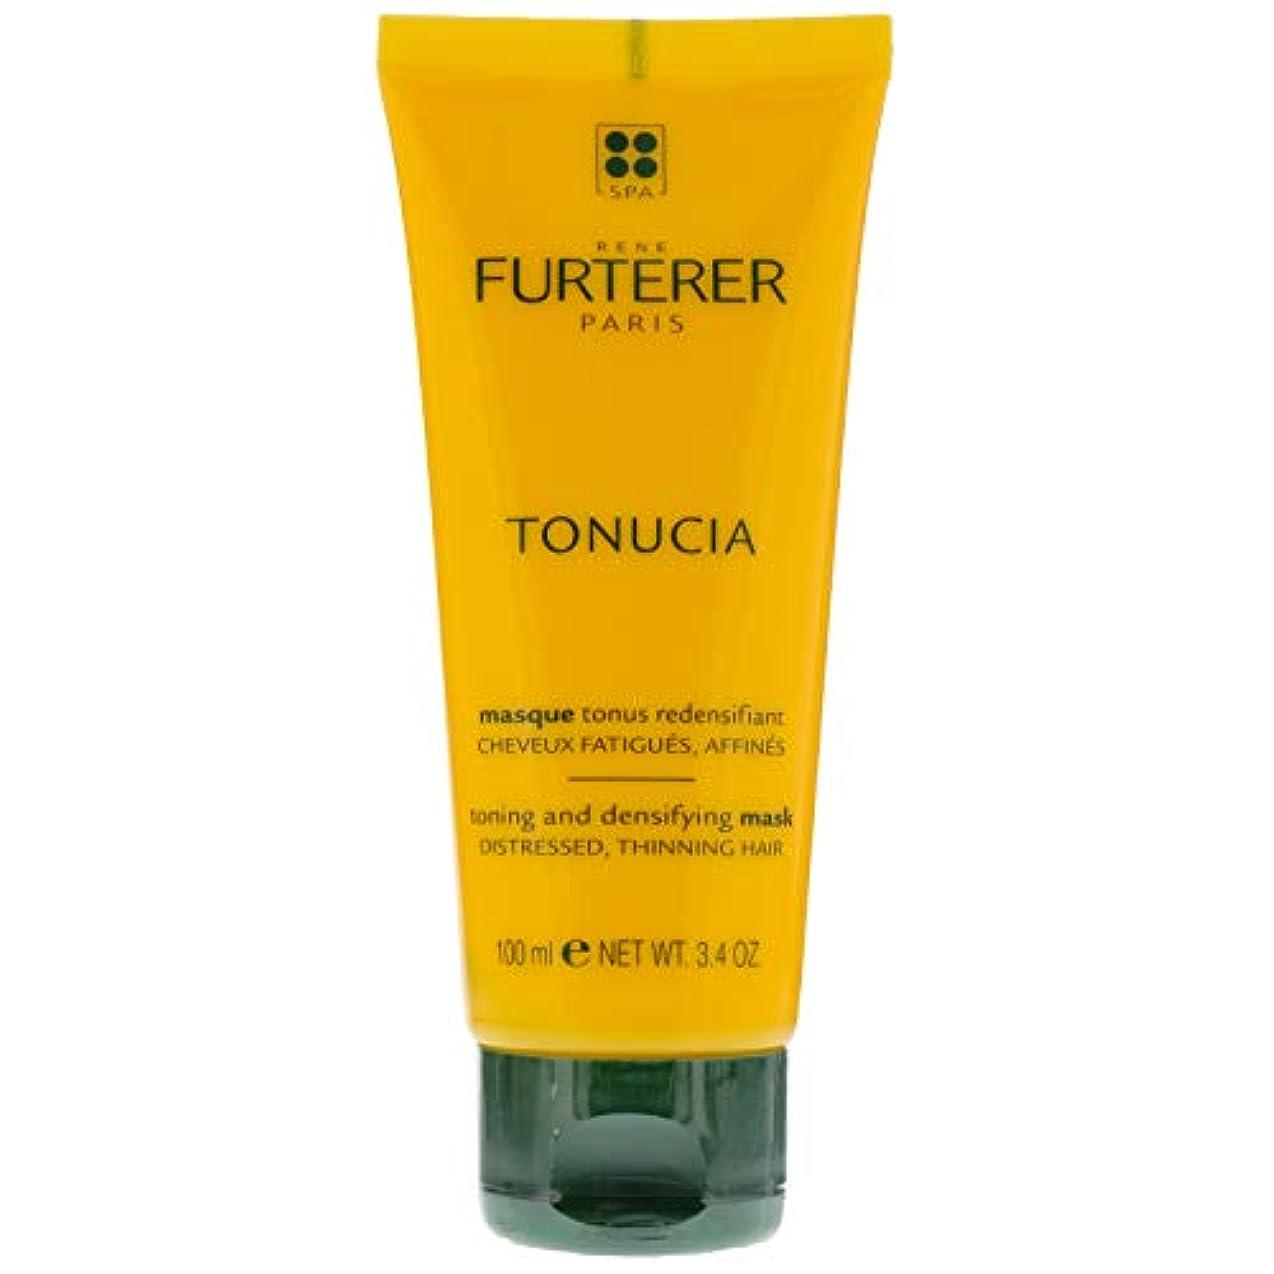 ルネ フルトレール Tonucia Thickening Ritual Toning and Densifying Mask (Distressed, Thinning Hair) 100ml/3.4oz並行輸入品